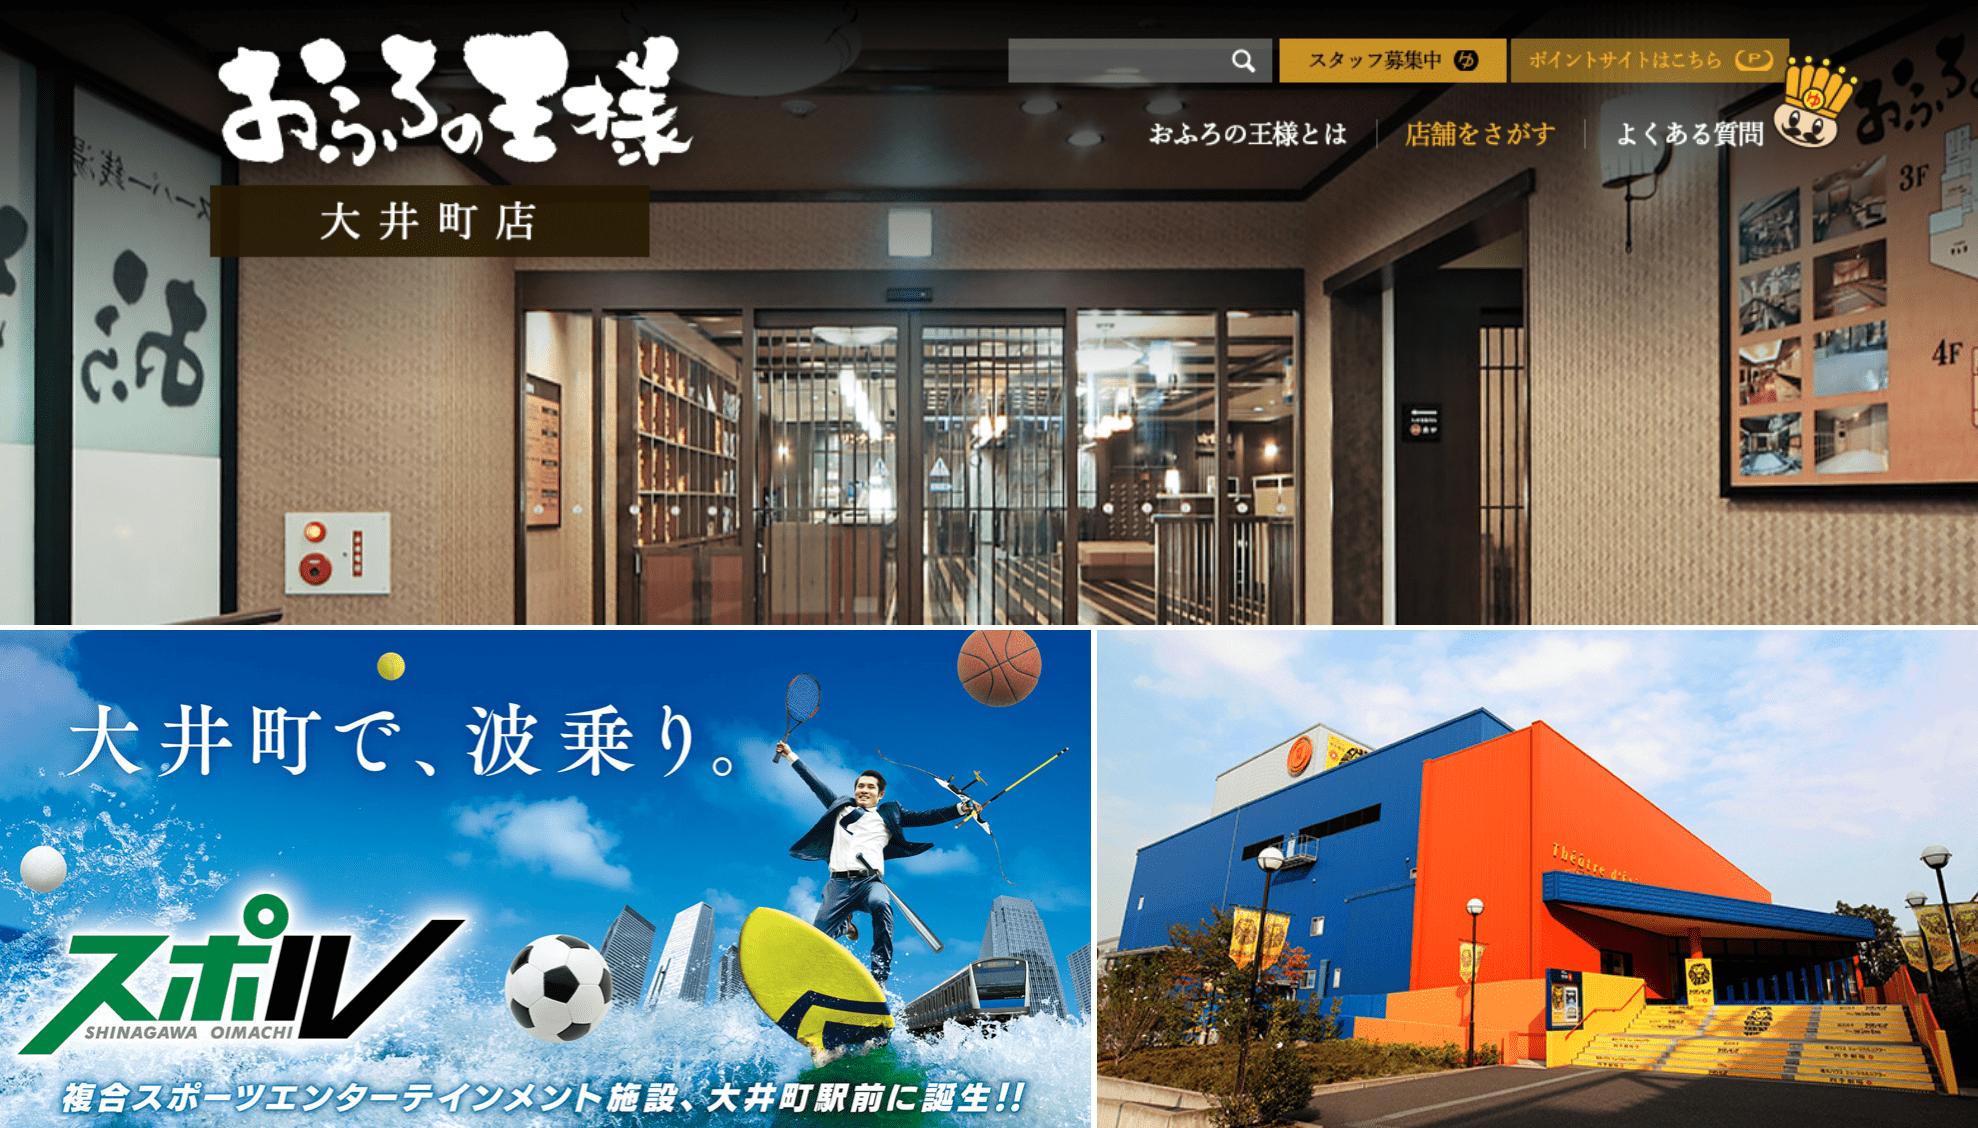 大井町のレジャー施設